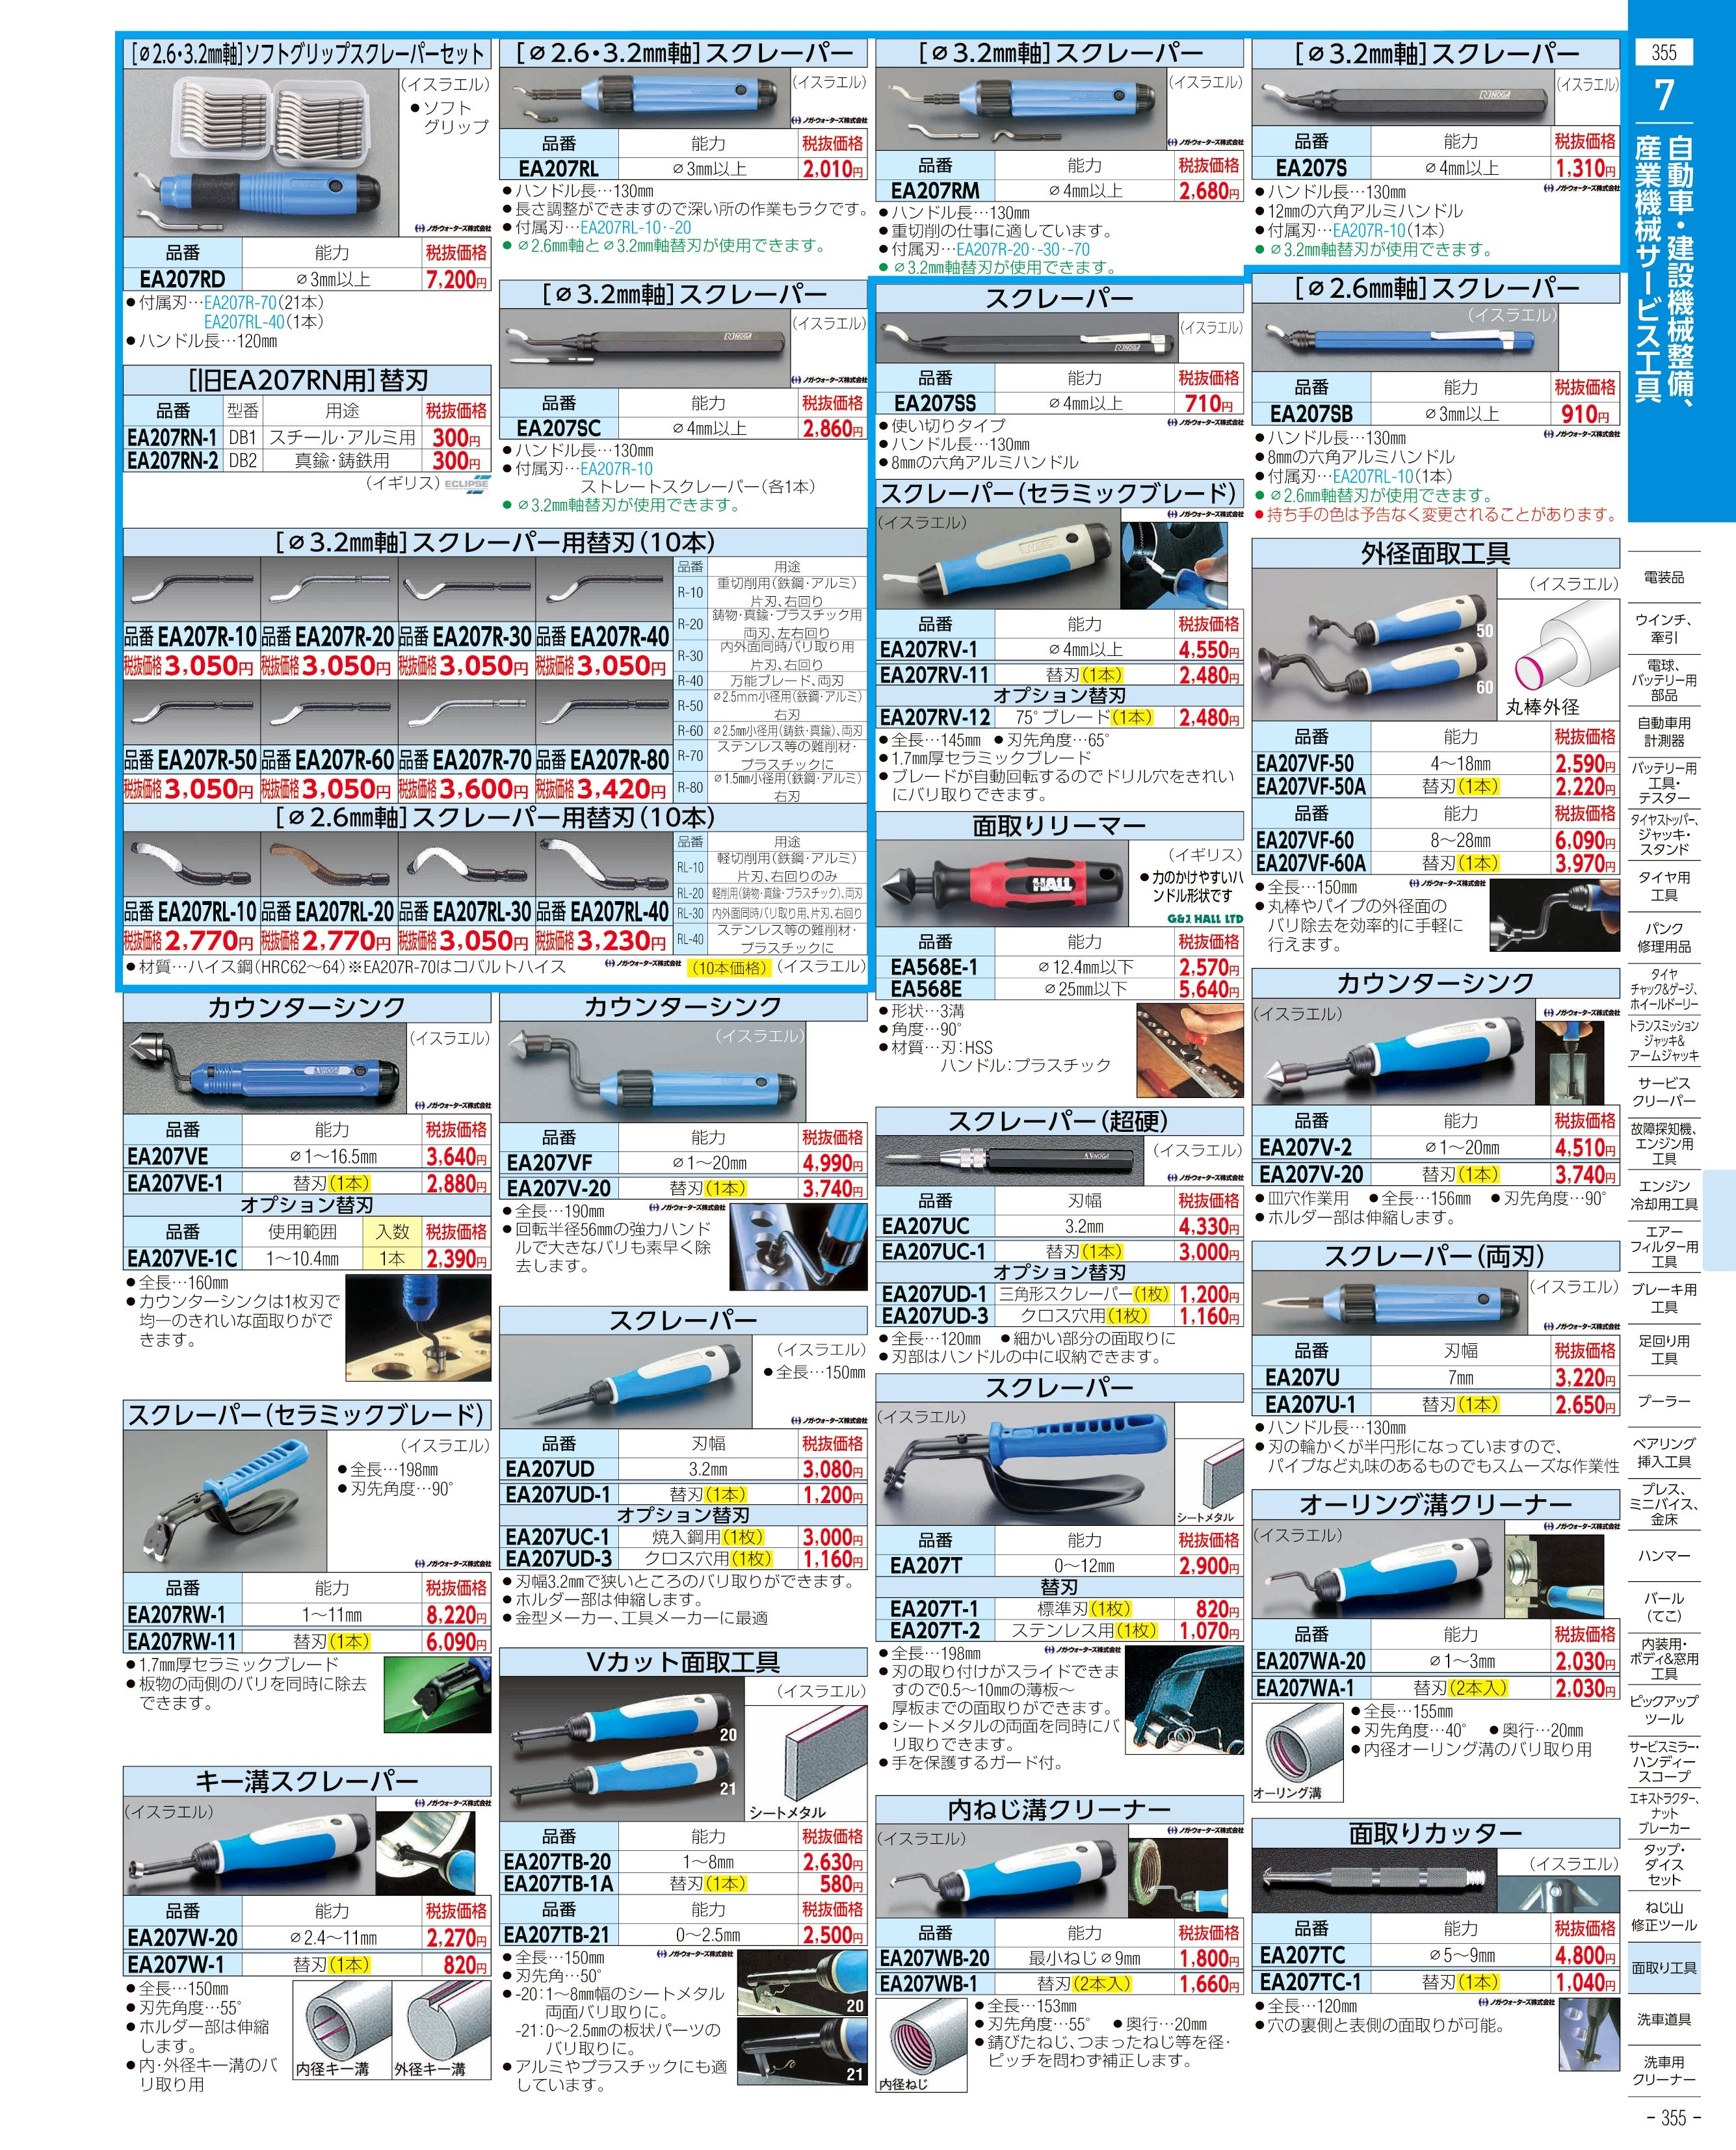 エスコ便利カタログ355ページ